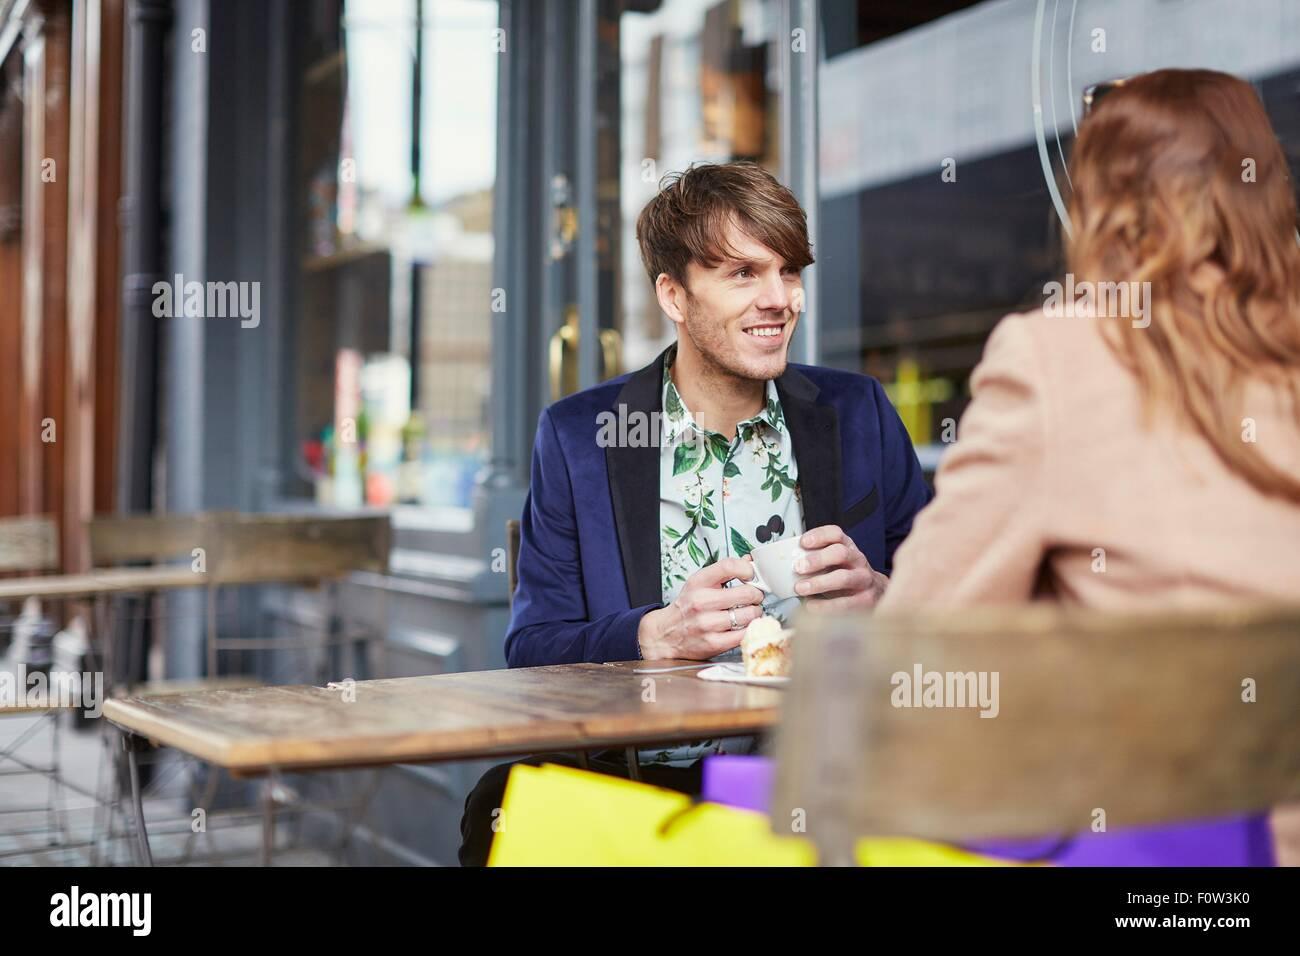 Vista sobre el hombro de la pareja conversando en la cafetería, Londres, Reino Unido. Imagen De Stock